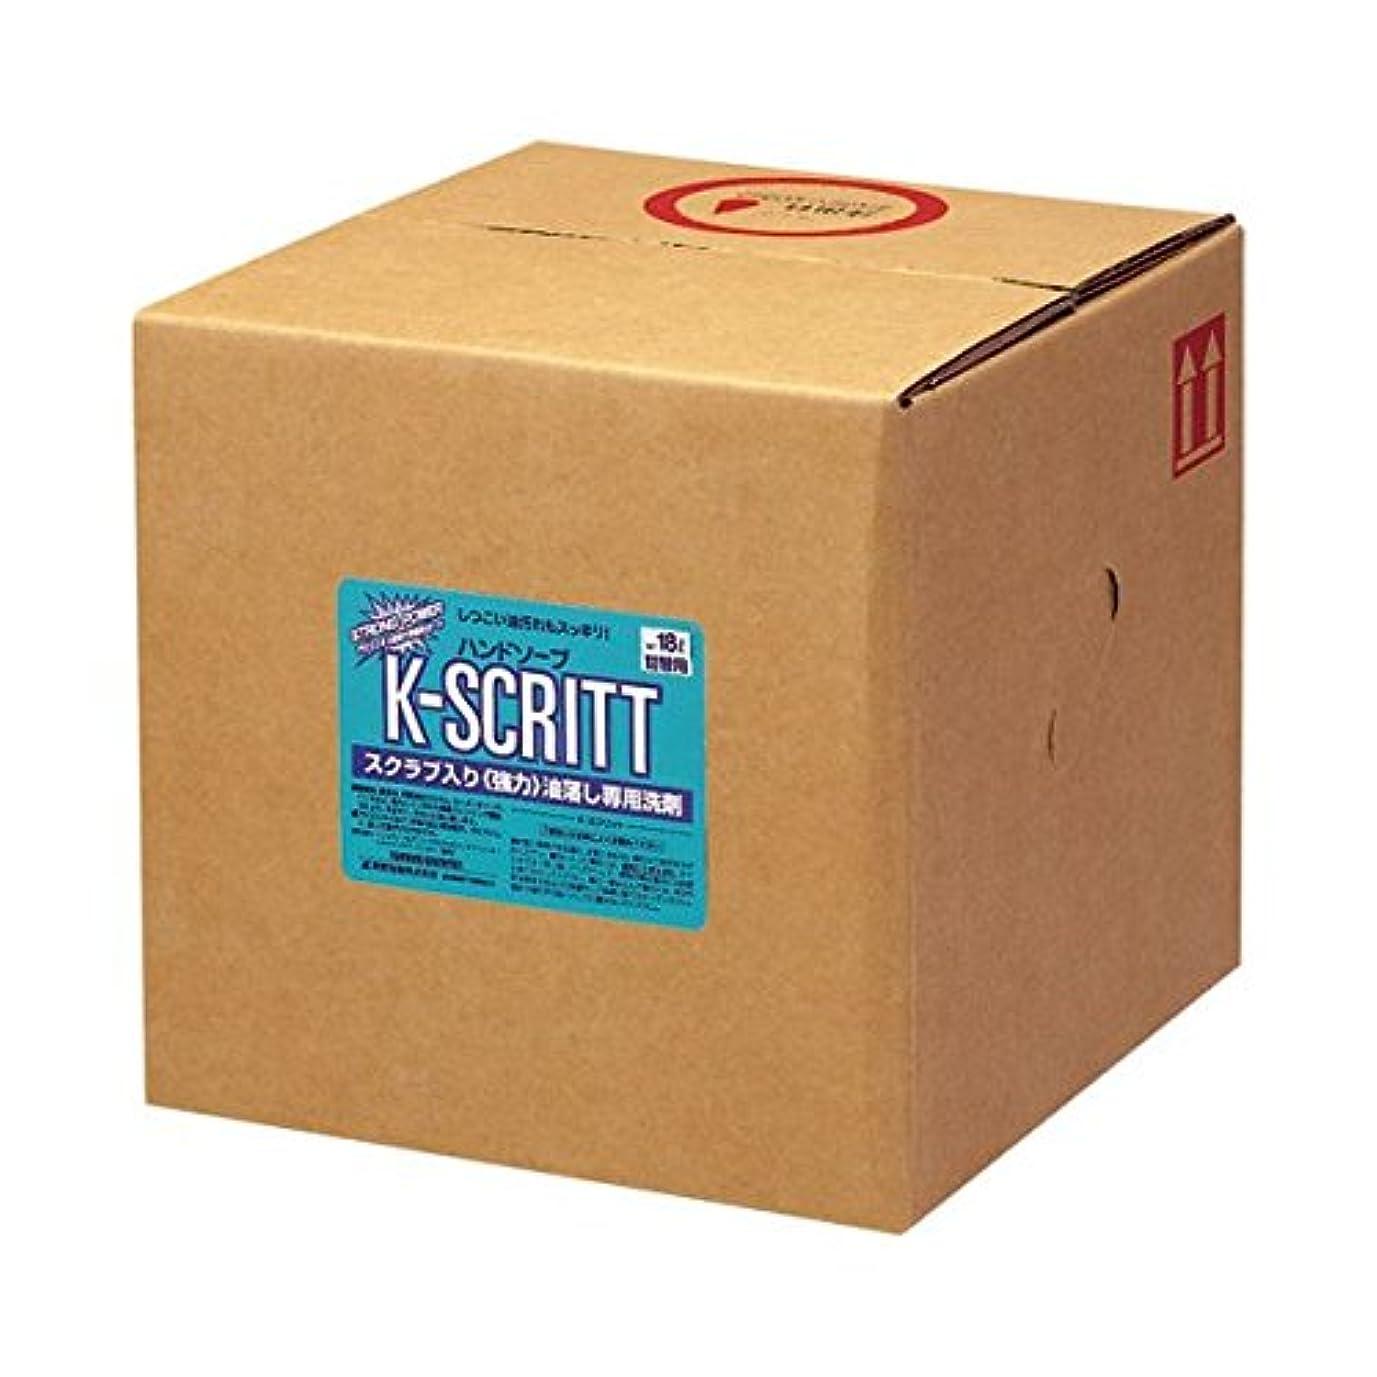 さておきどういたしまして経済的熊野油脂 K-スクリット ハンドソープ 詰替用 18L ds-1825966